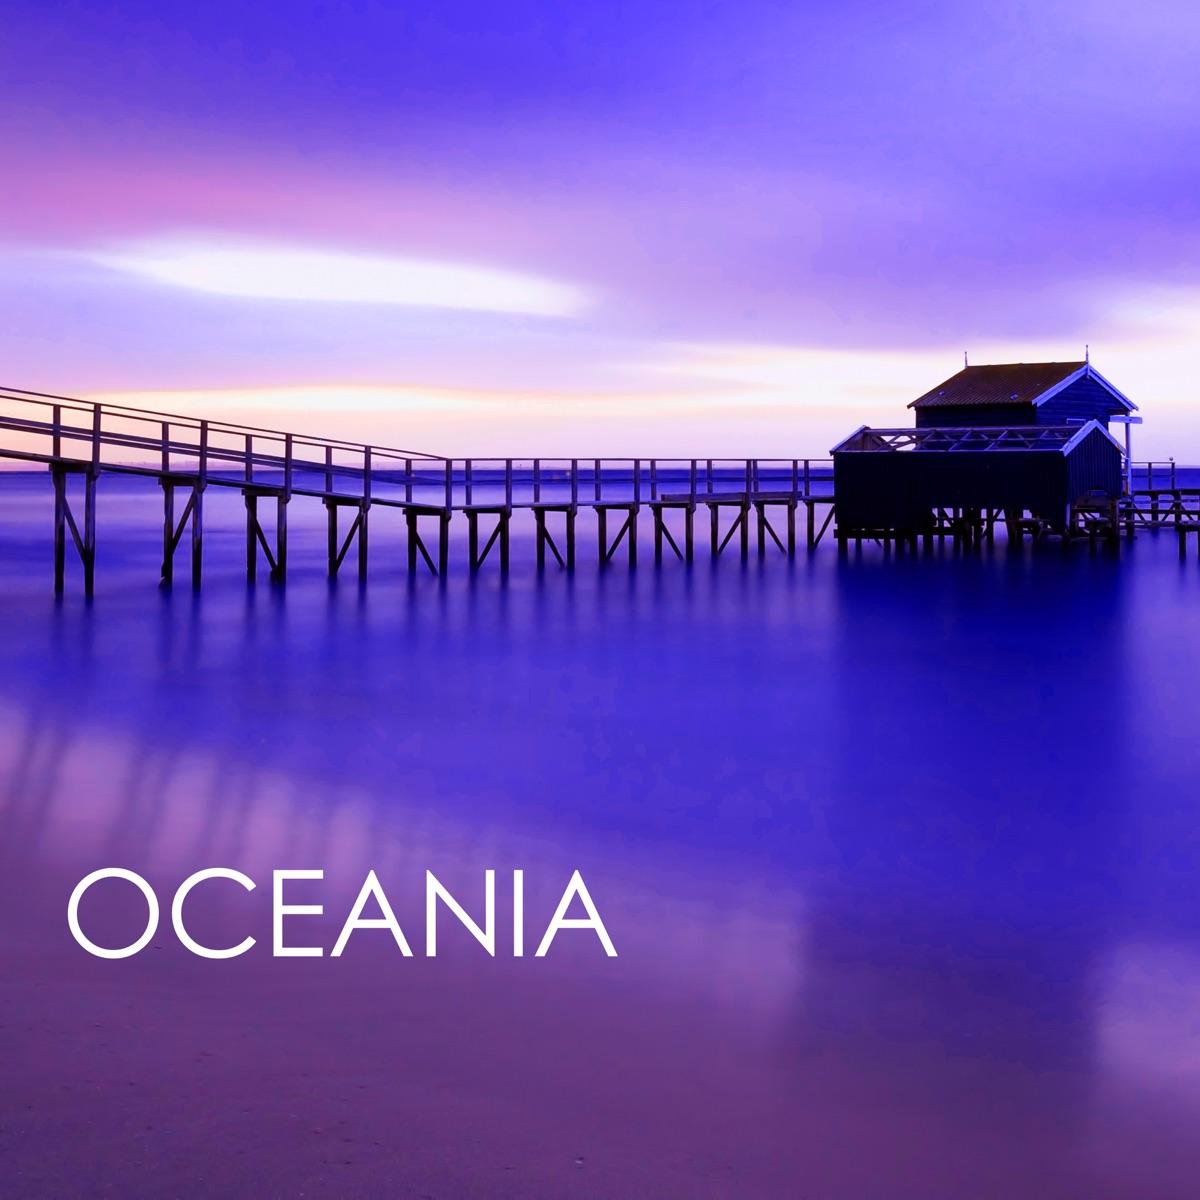 Oceania - Rilassanti Suoni del Mare Suono della Natura per Sottofondo Yoga  Meditazione Moana CD cover